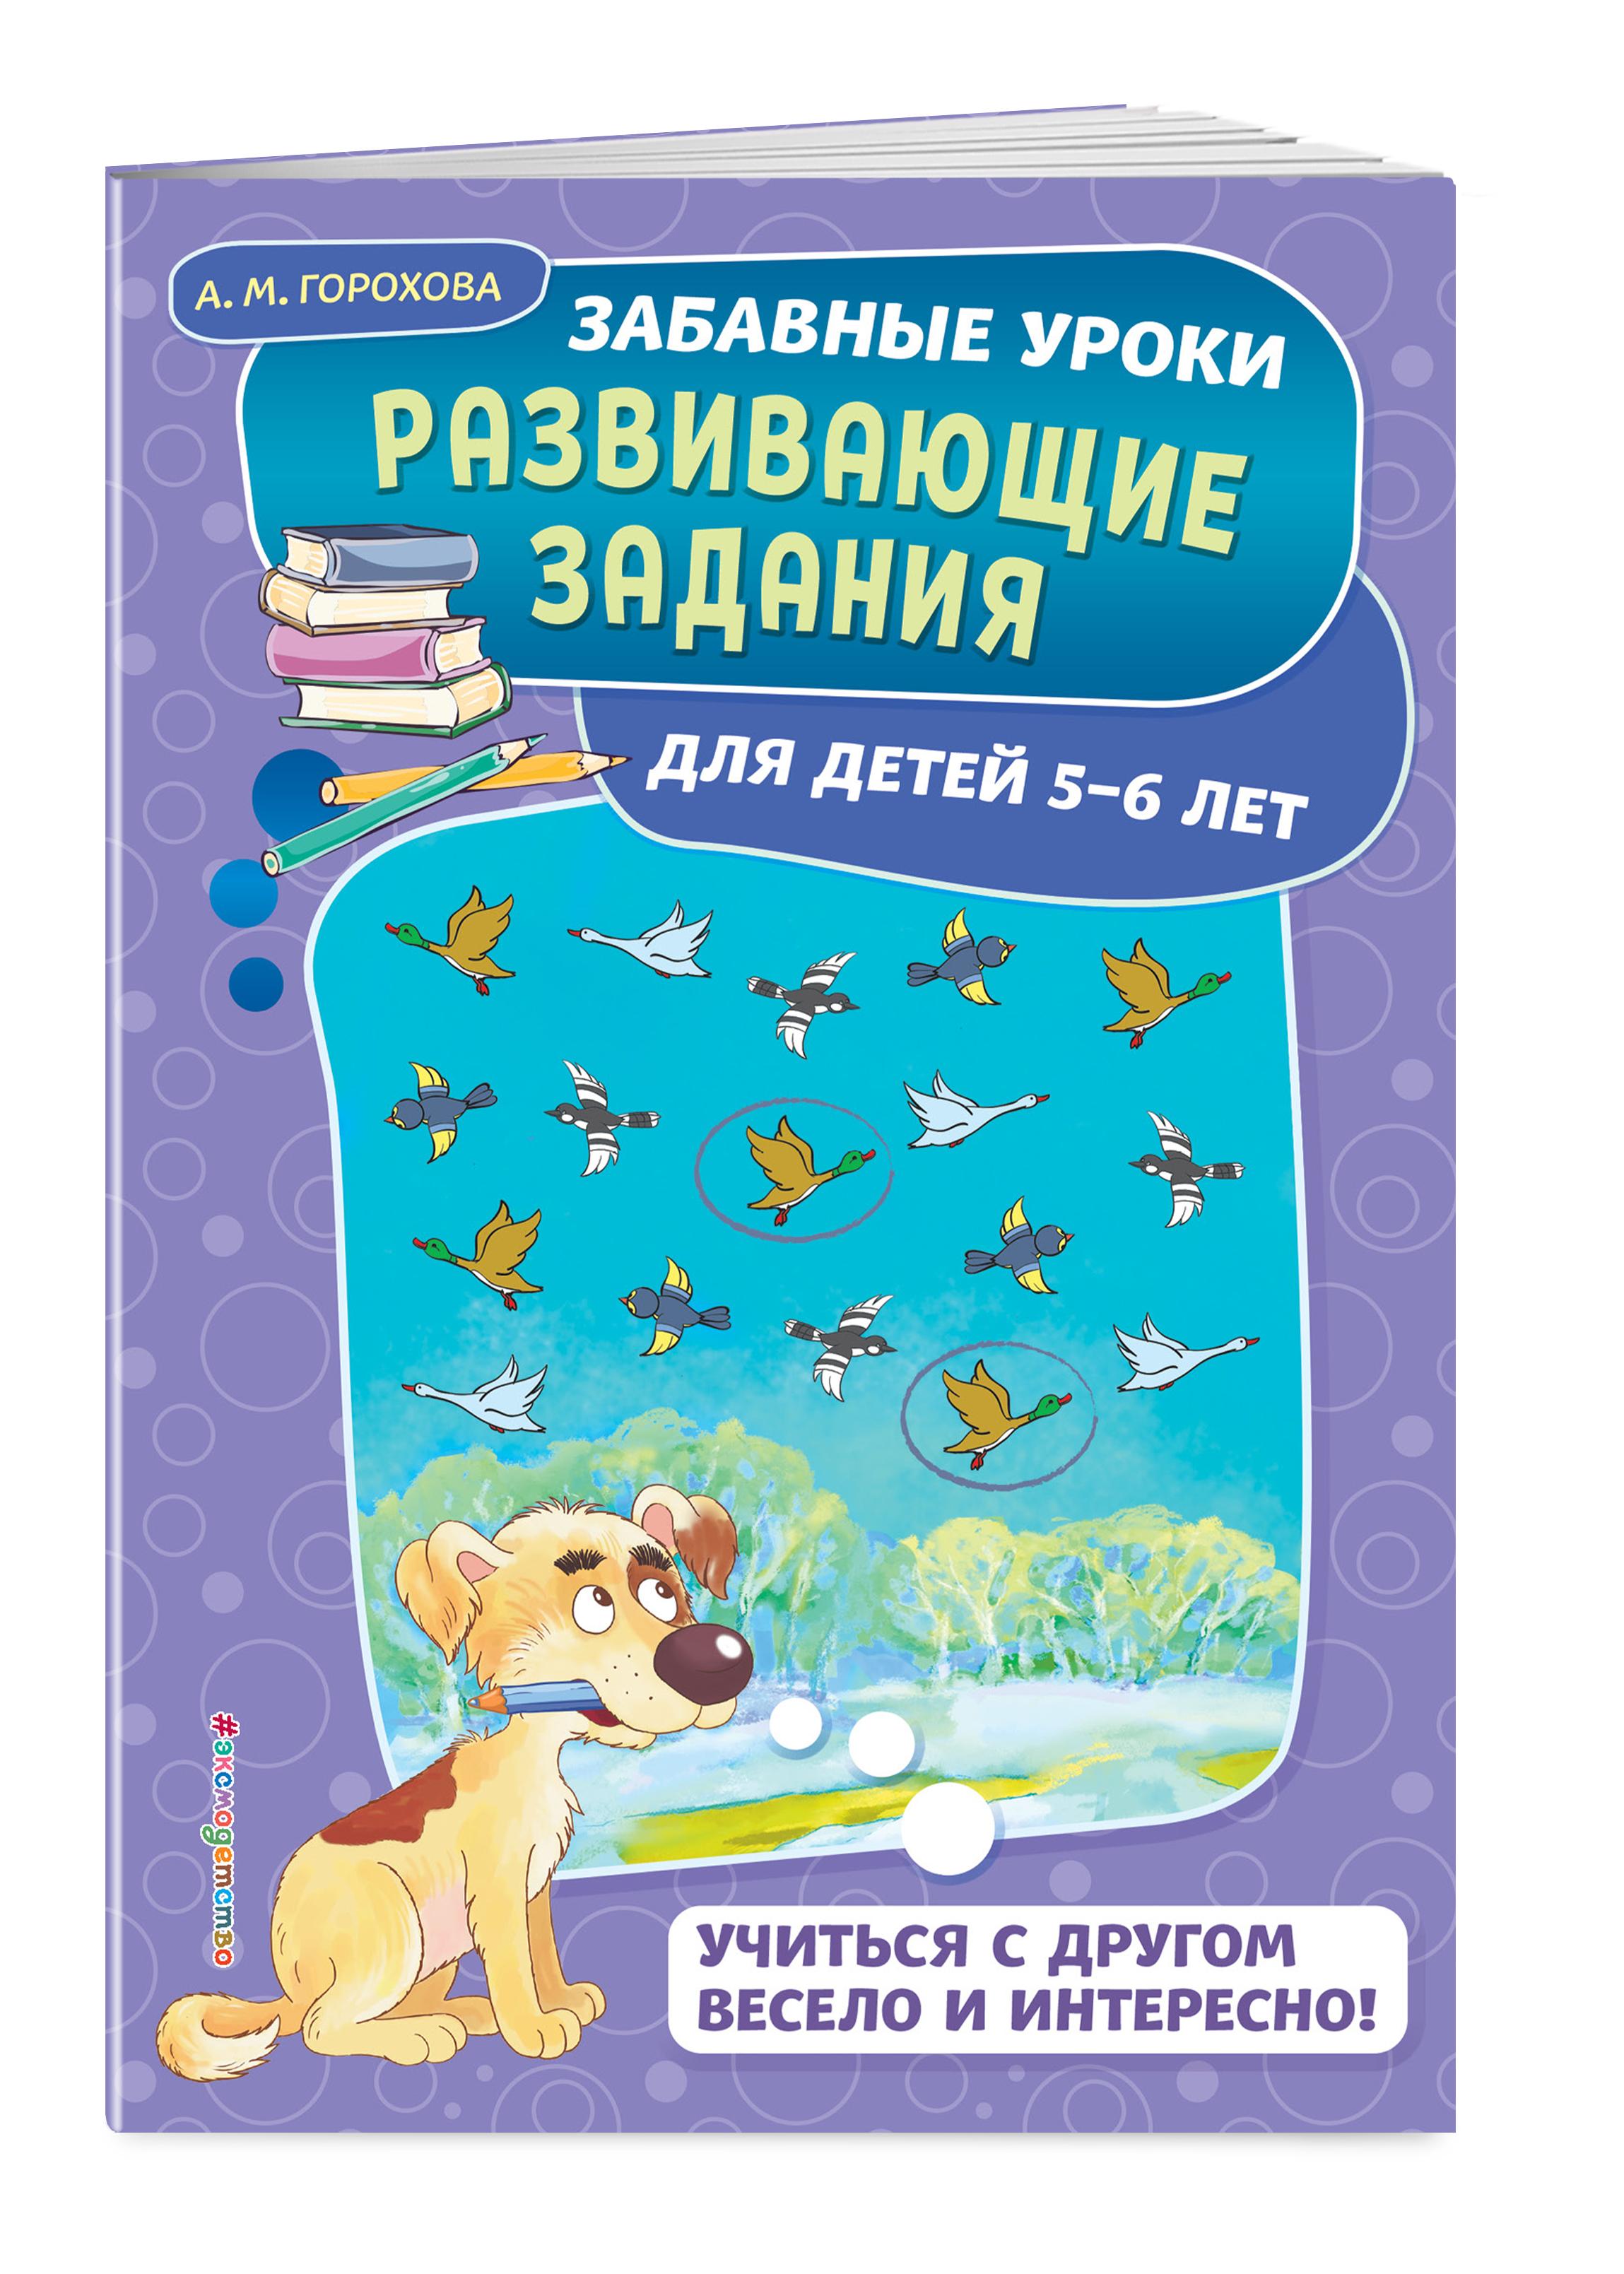 А. М. Горохова Развивающие задания: для детей 5-6 лет